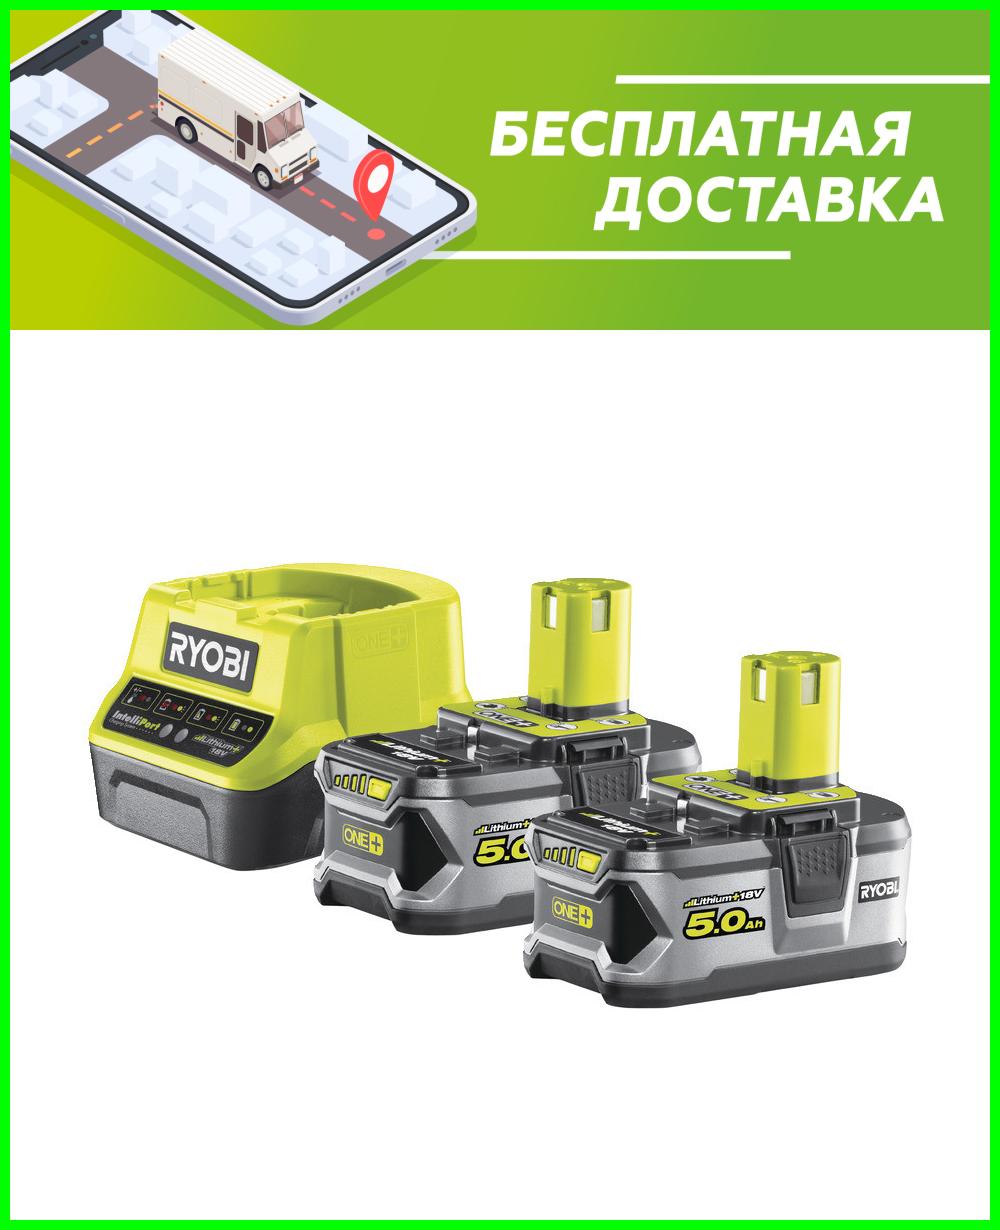 2 Аккумулятора 5.0 Aч ONE+ Li-Ion + зарядное устройство Ryobi RC18120-250(18 В, 5 А/ч)